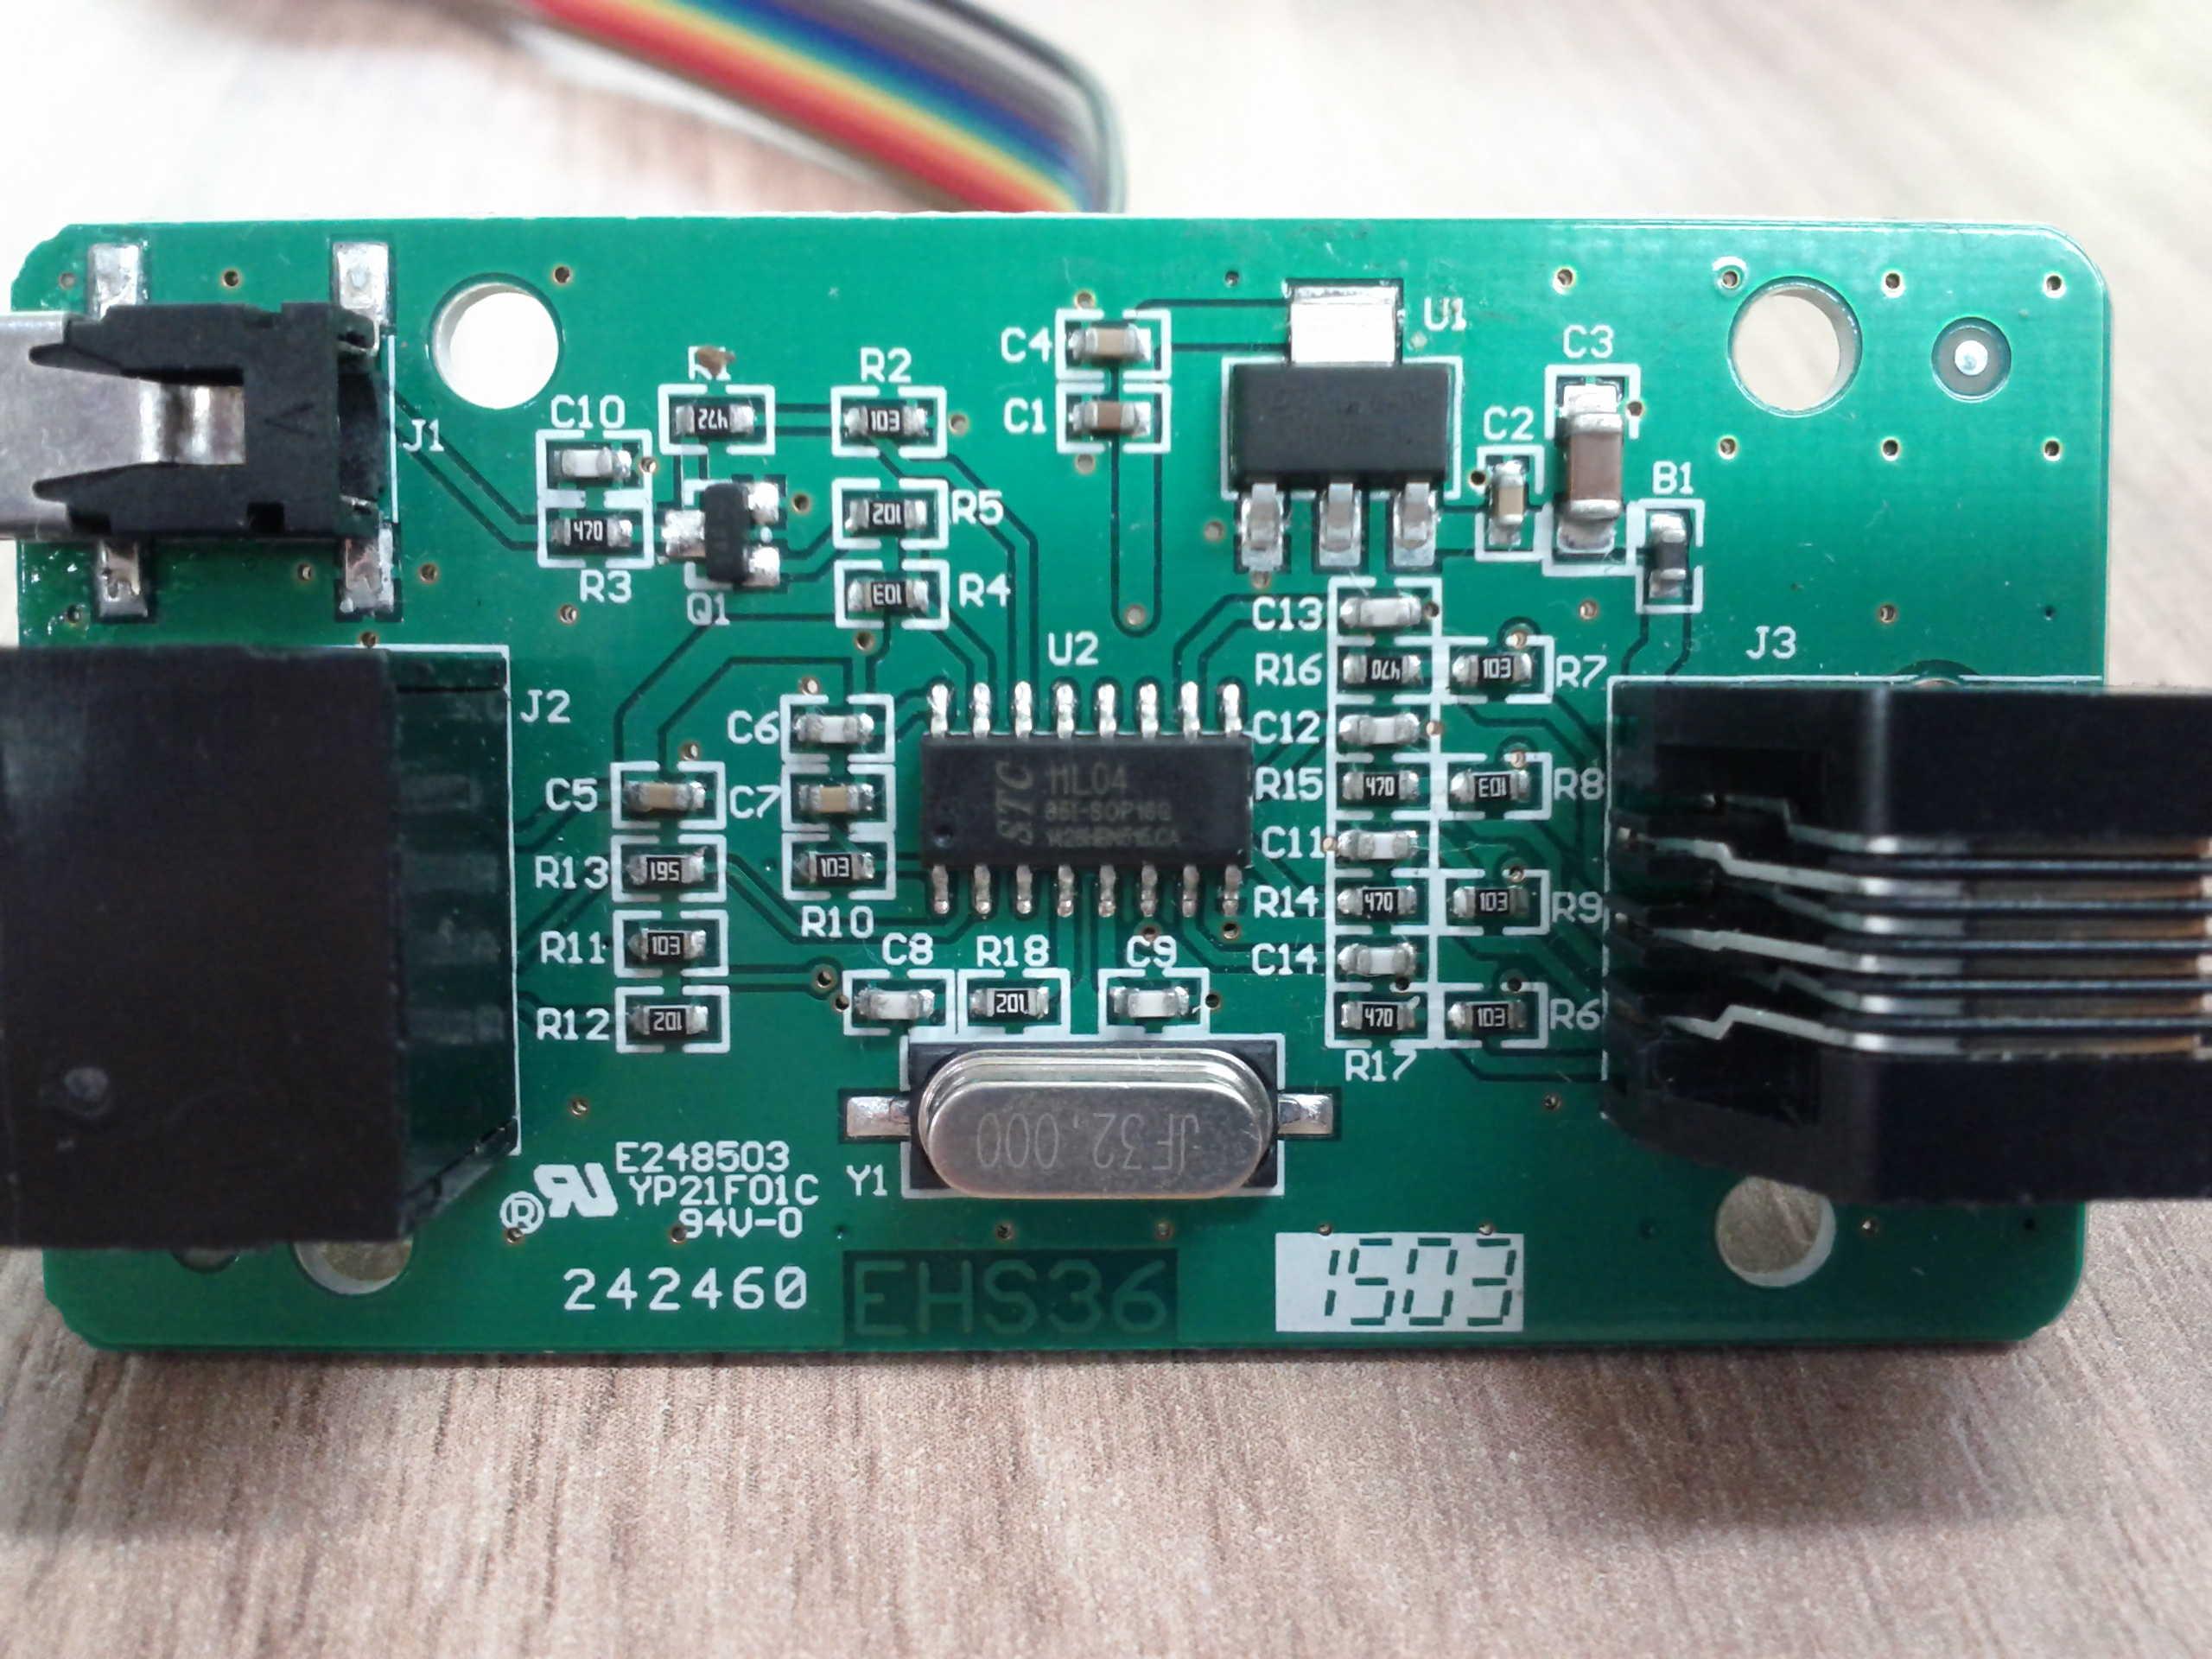 Yealink EHS36 PCB